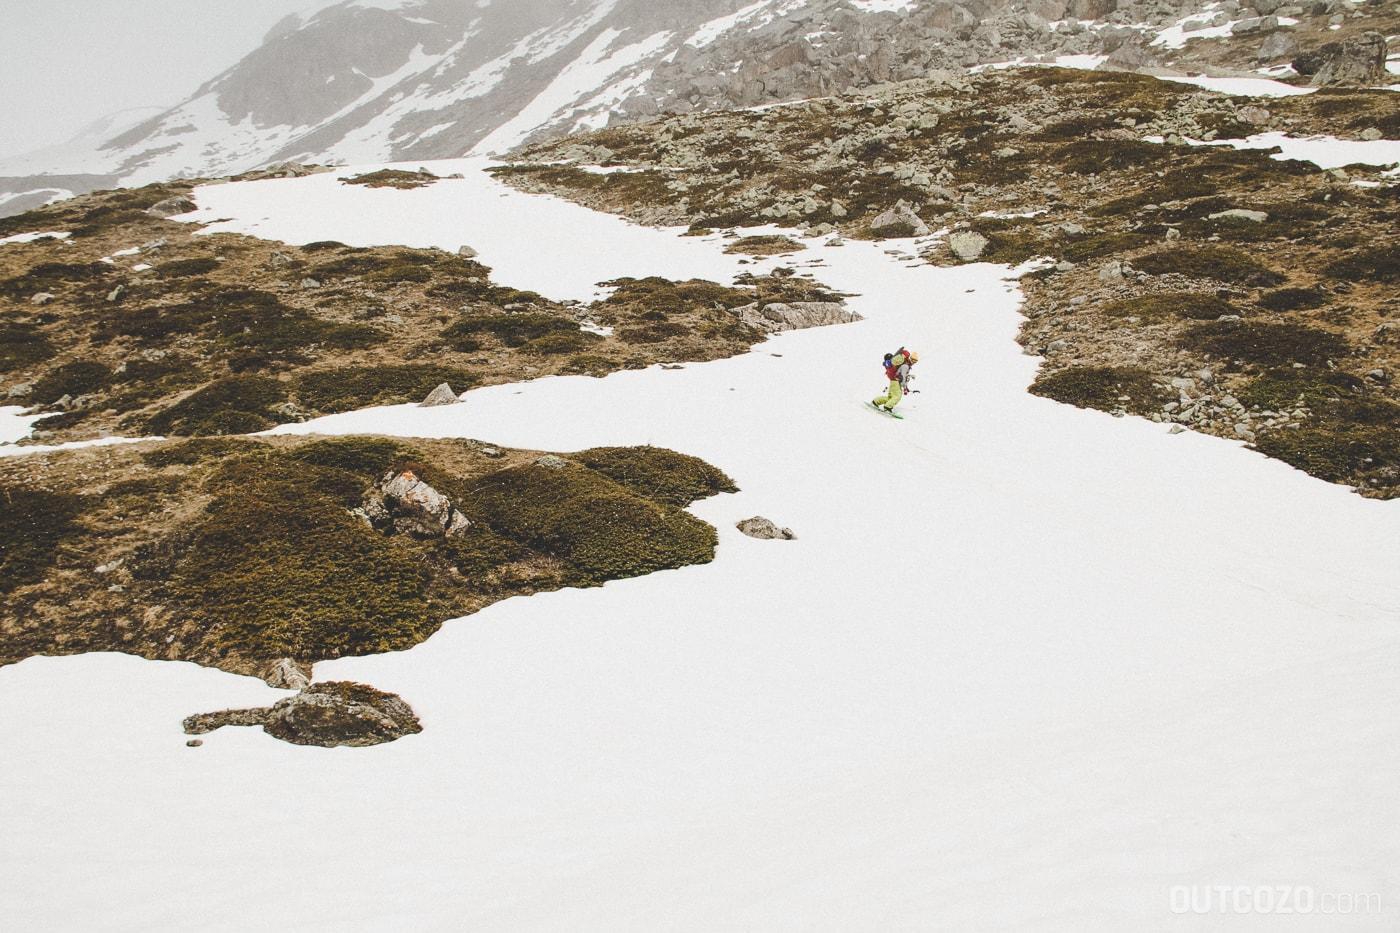 Mit dem Snowboard über ein Schneeband